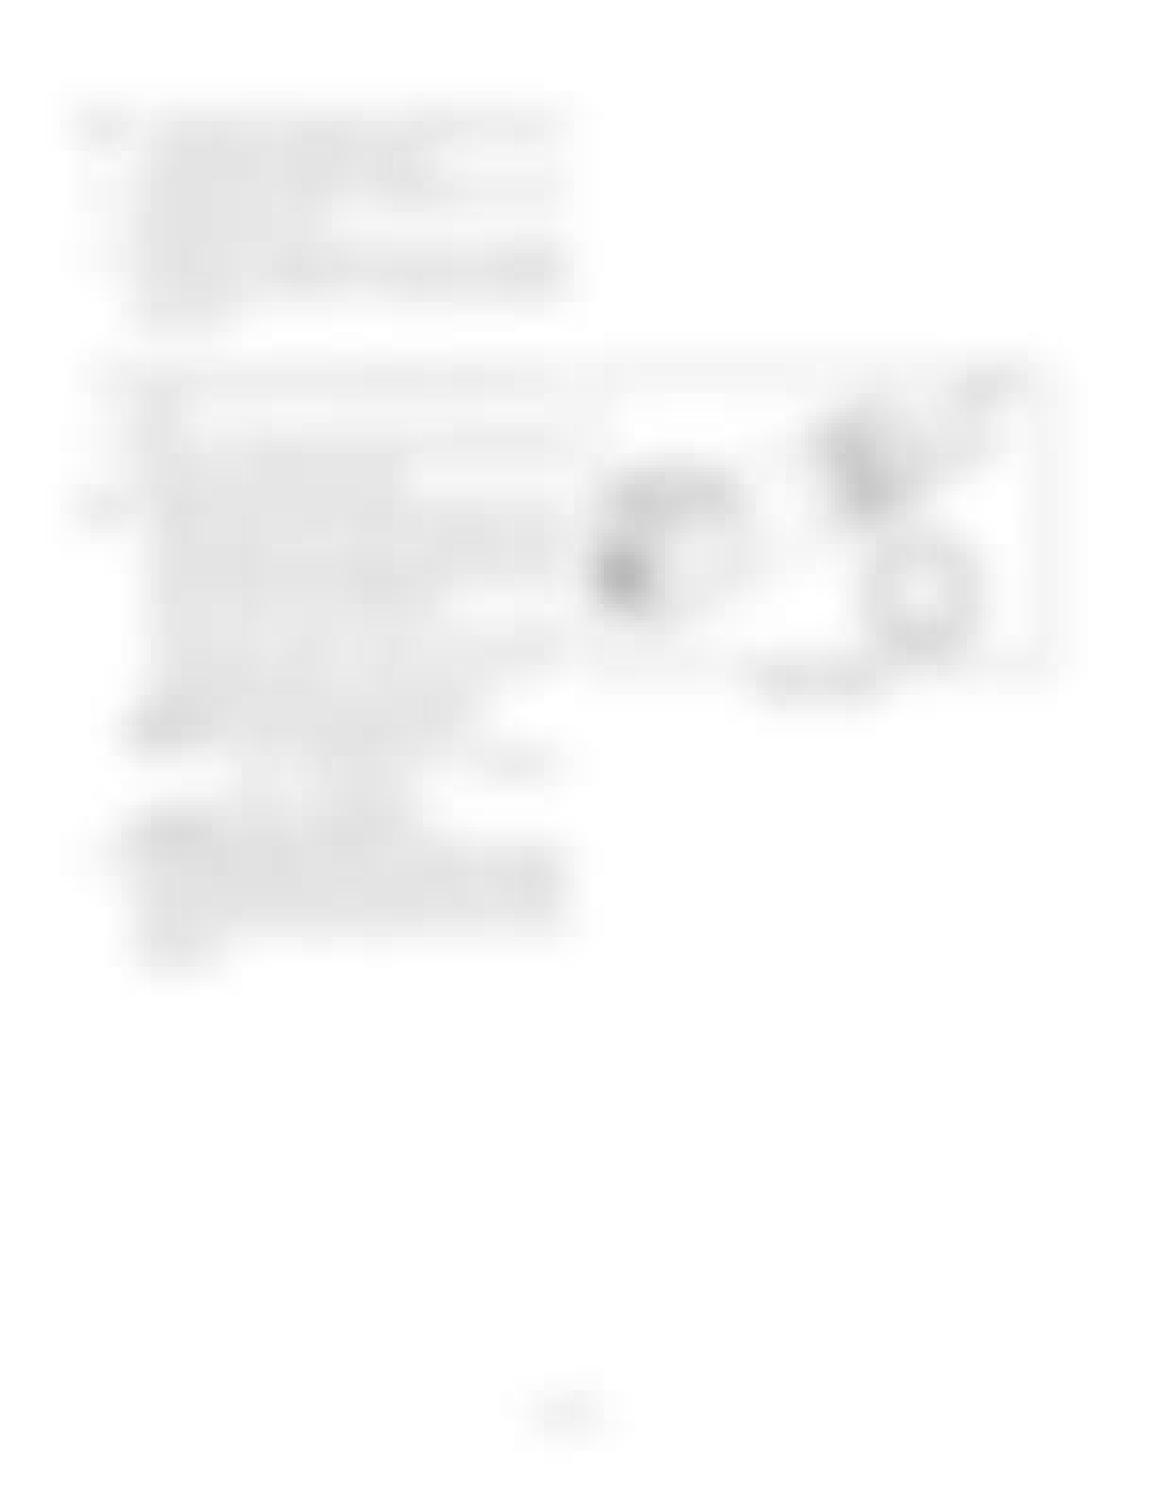 Hitachi LX110-7 LX130-7 LX160-7 LX190-7 LX230-7 Wheel Loader Workshop Manual - PDF DOWNLOAD page 290